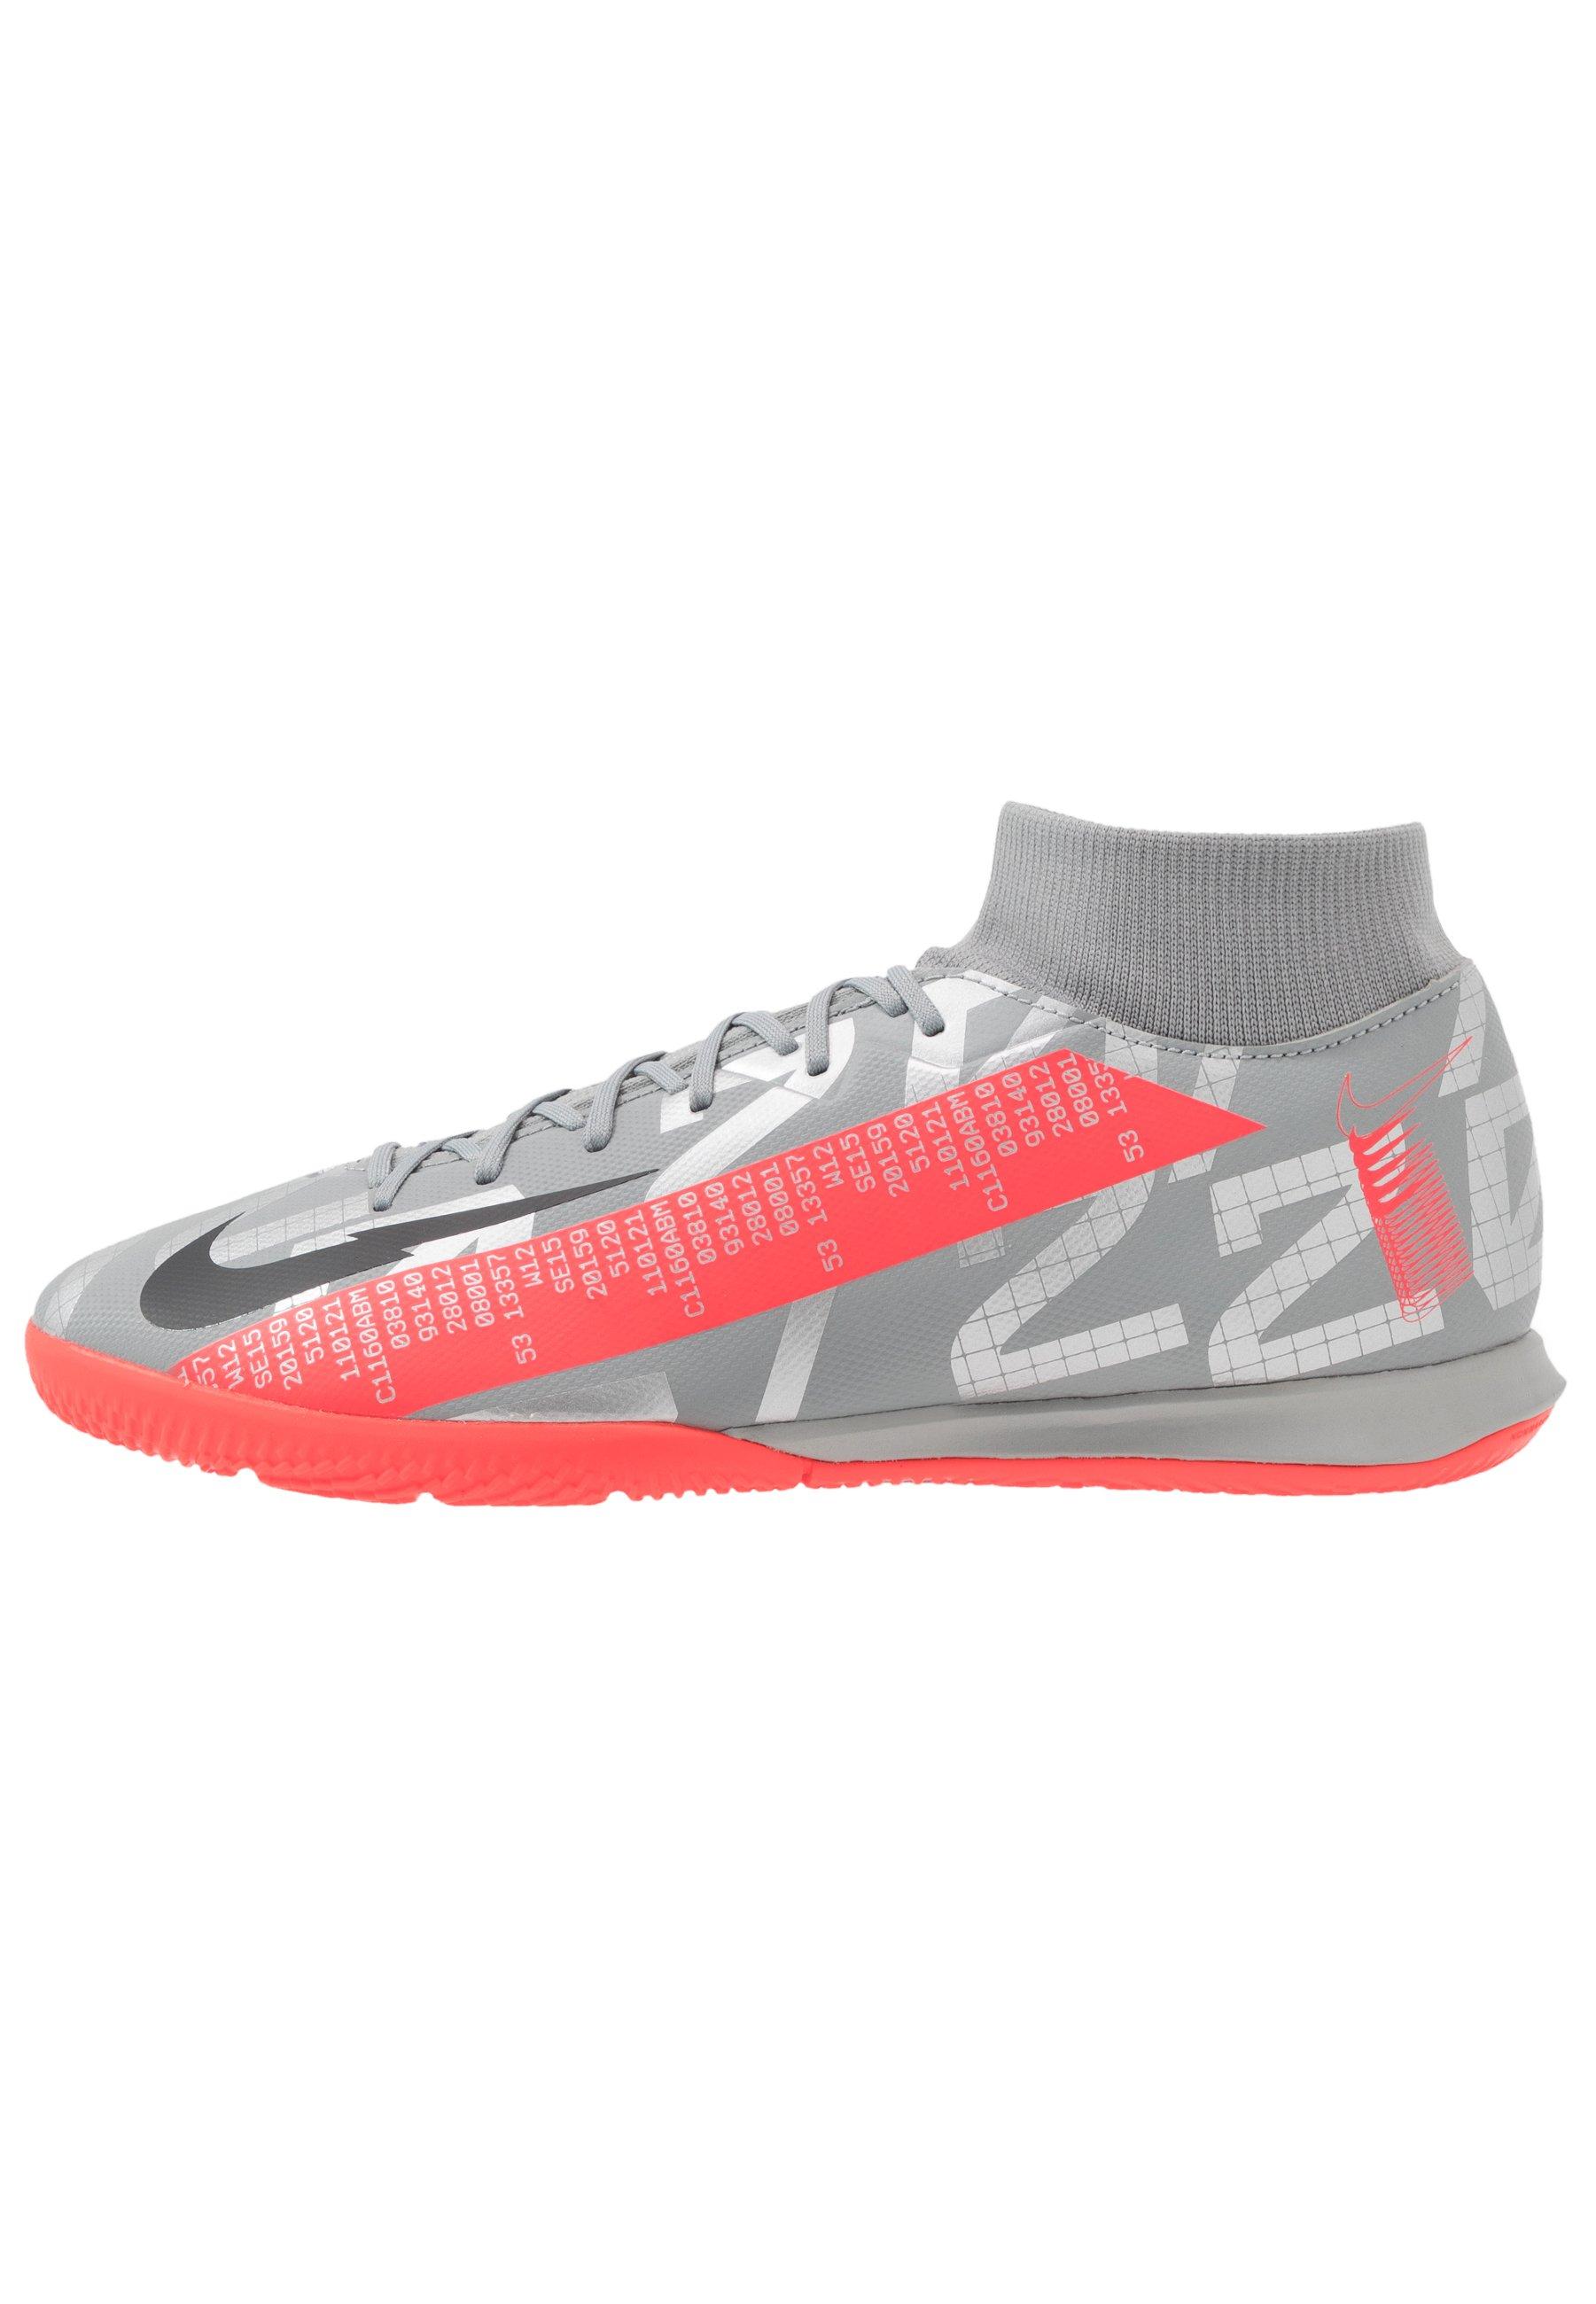 nike scarpe calcio nuove >Fino al 45% di sconto Spedizione e